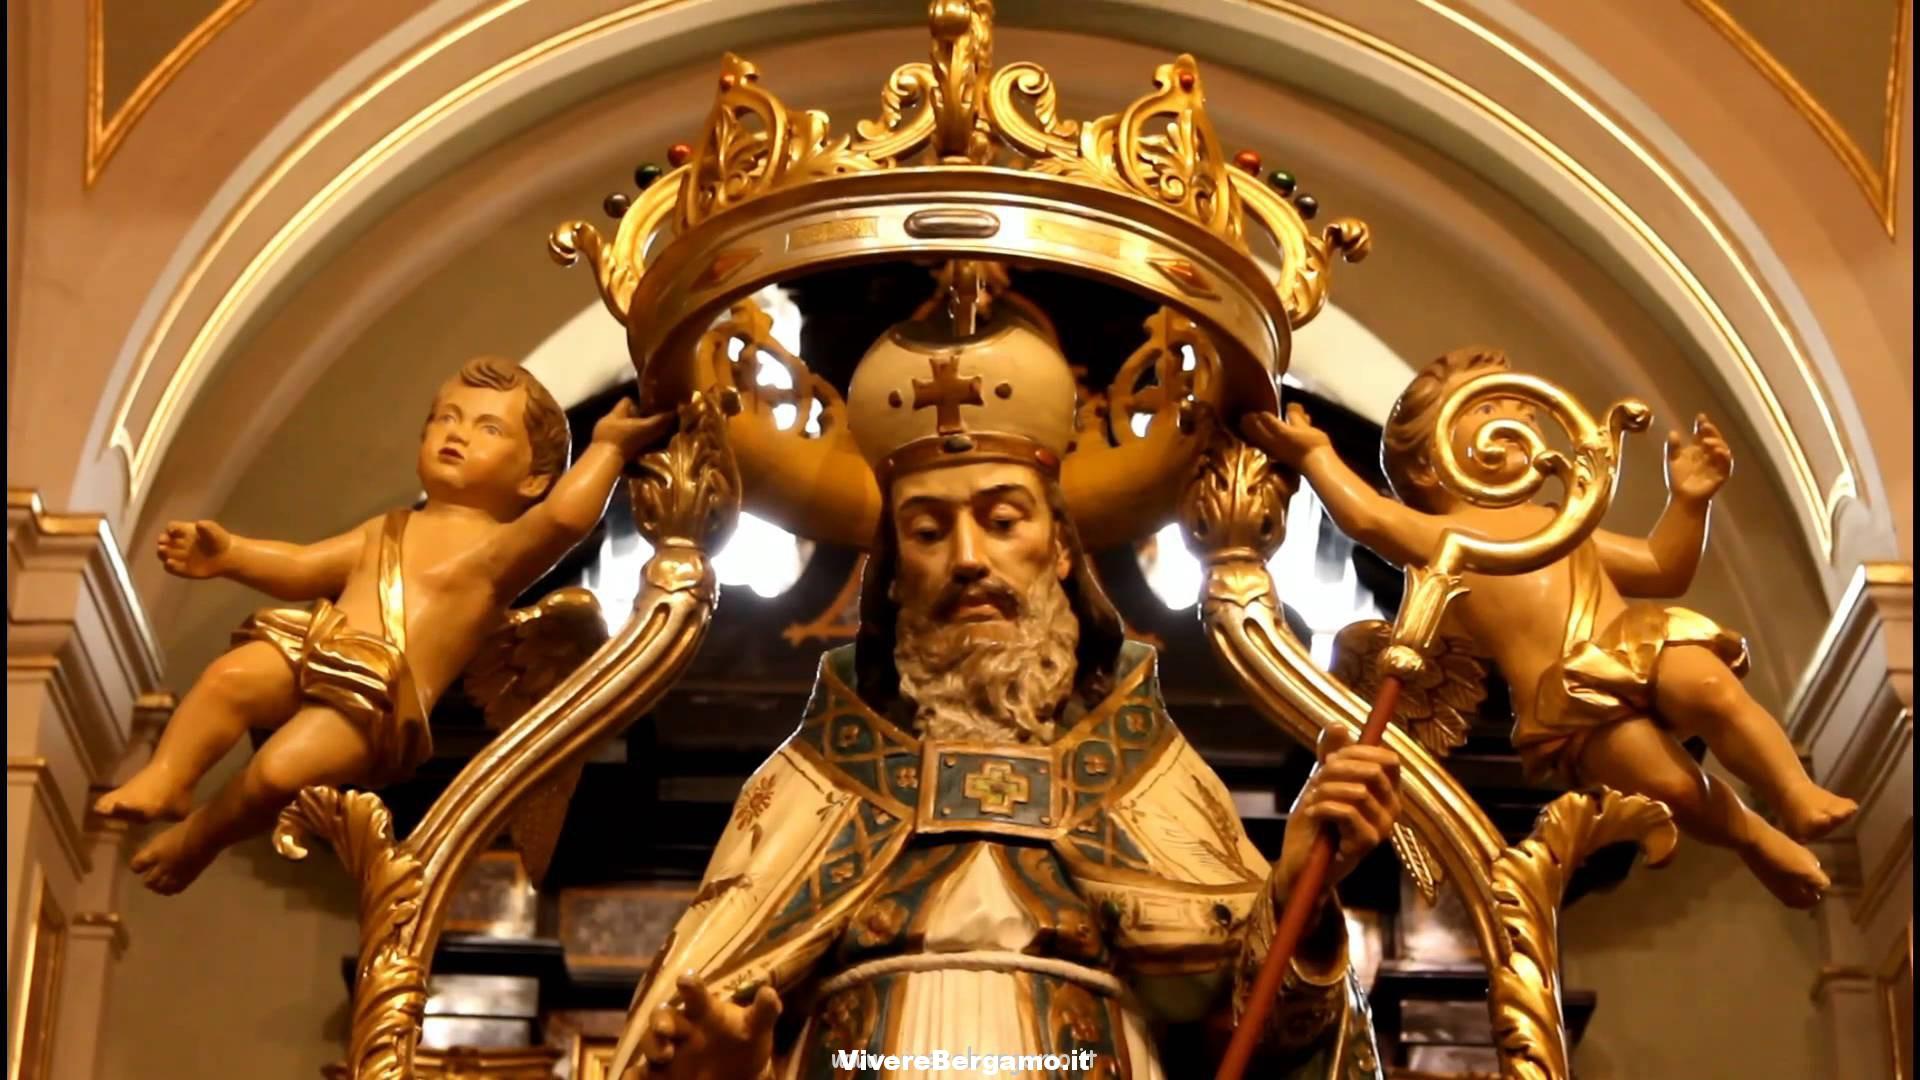 San Nicola Patrono riva di solto